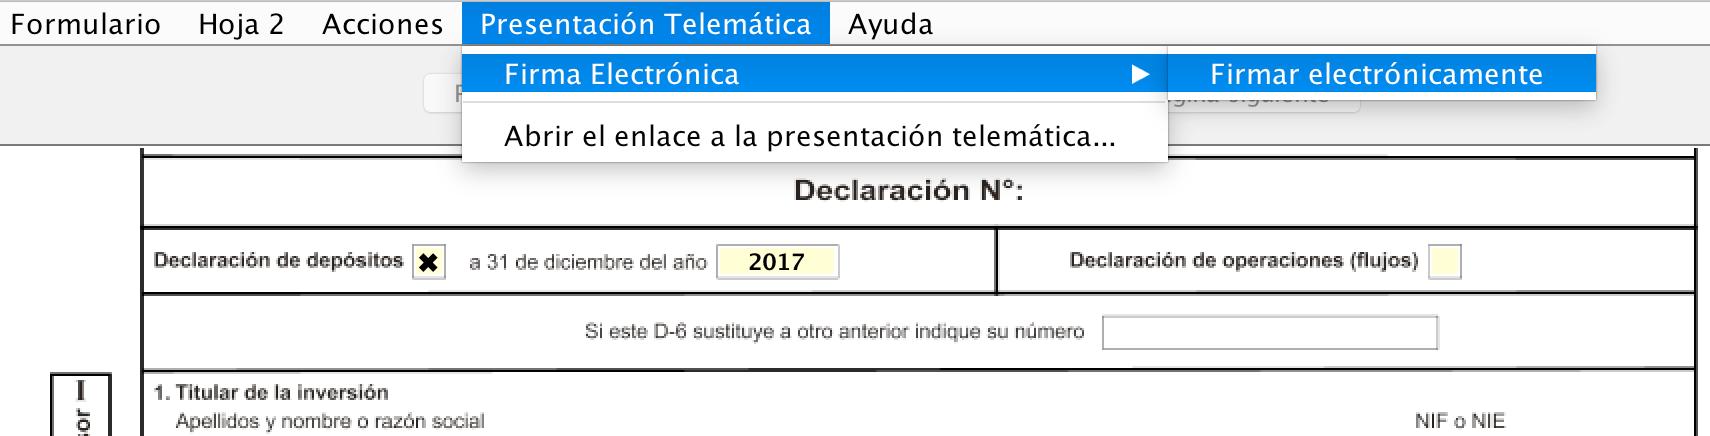 Inicio de la presentación telemática del modelo D-6